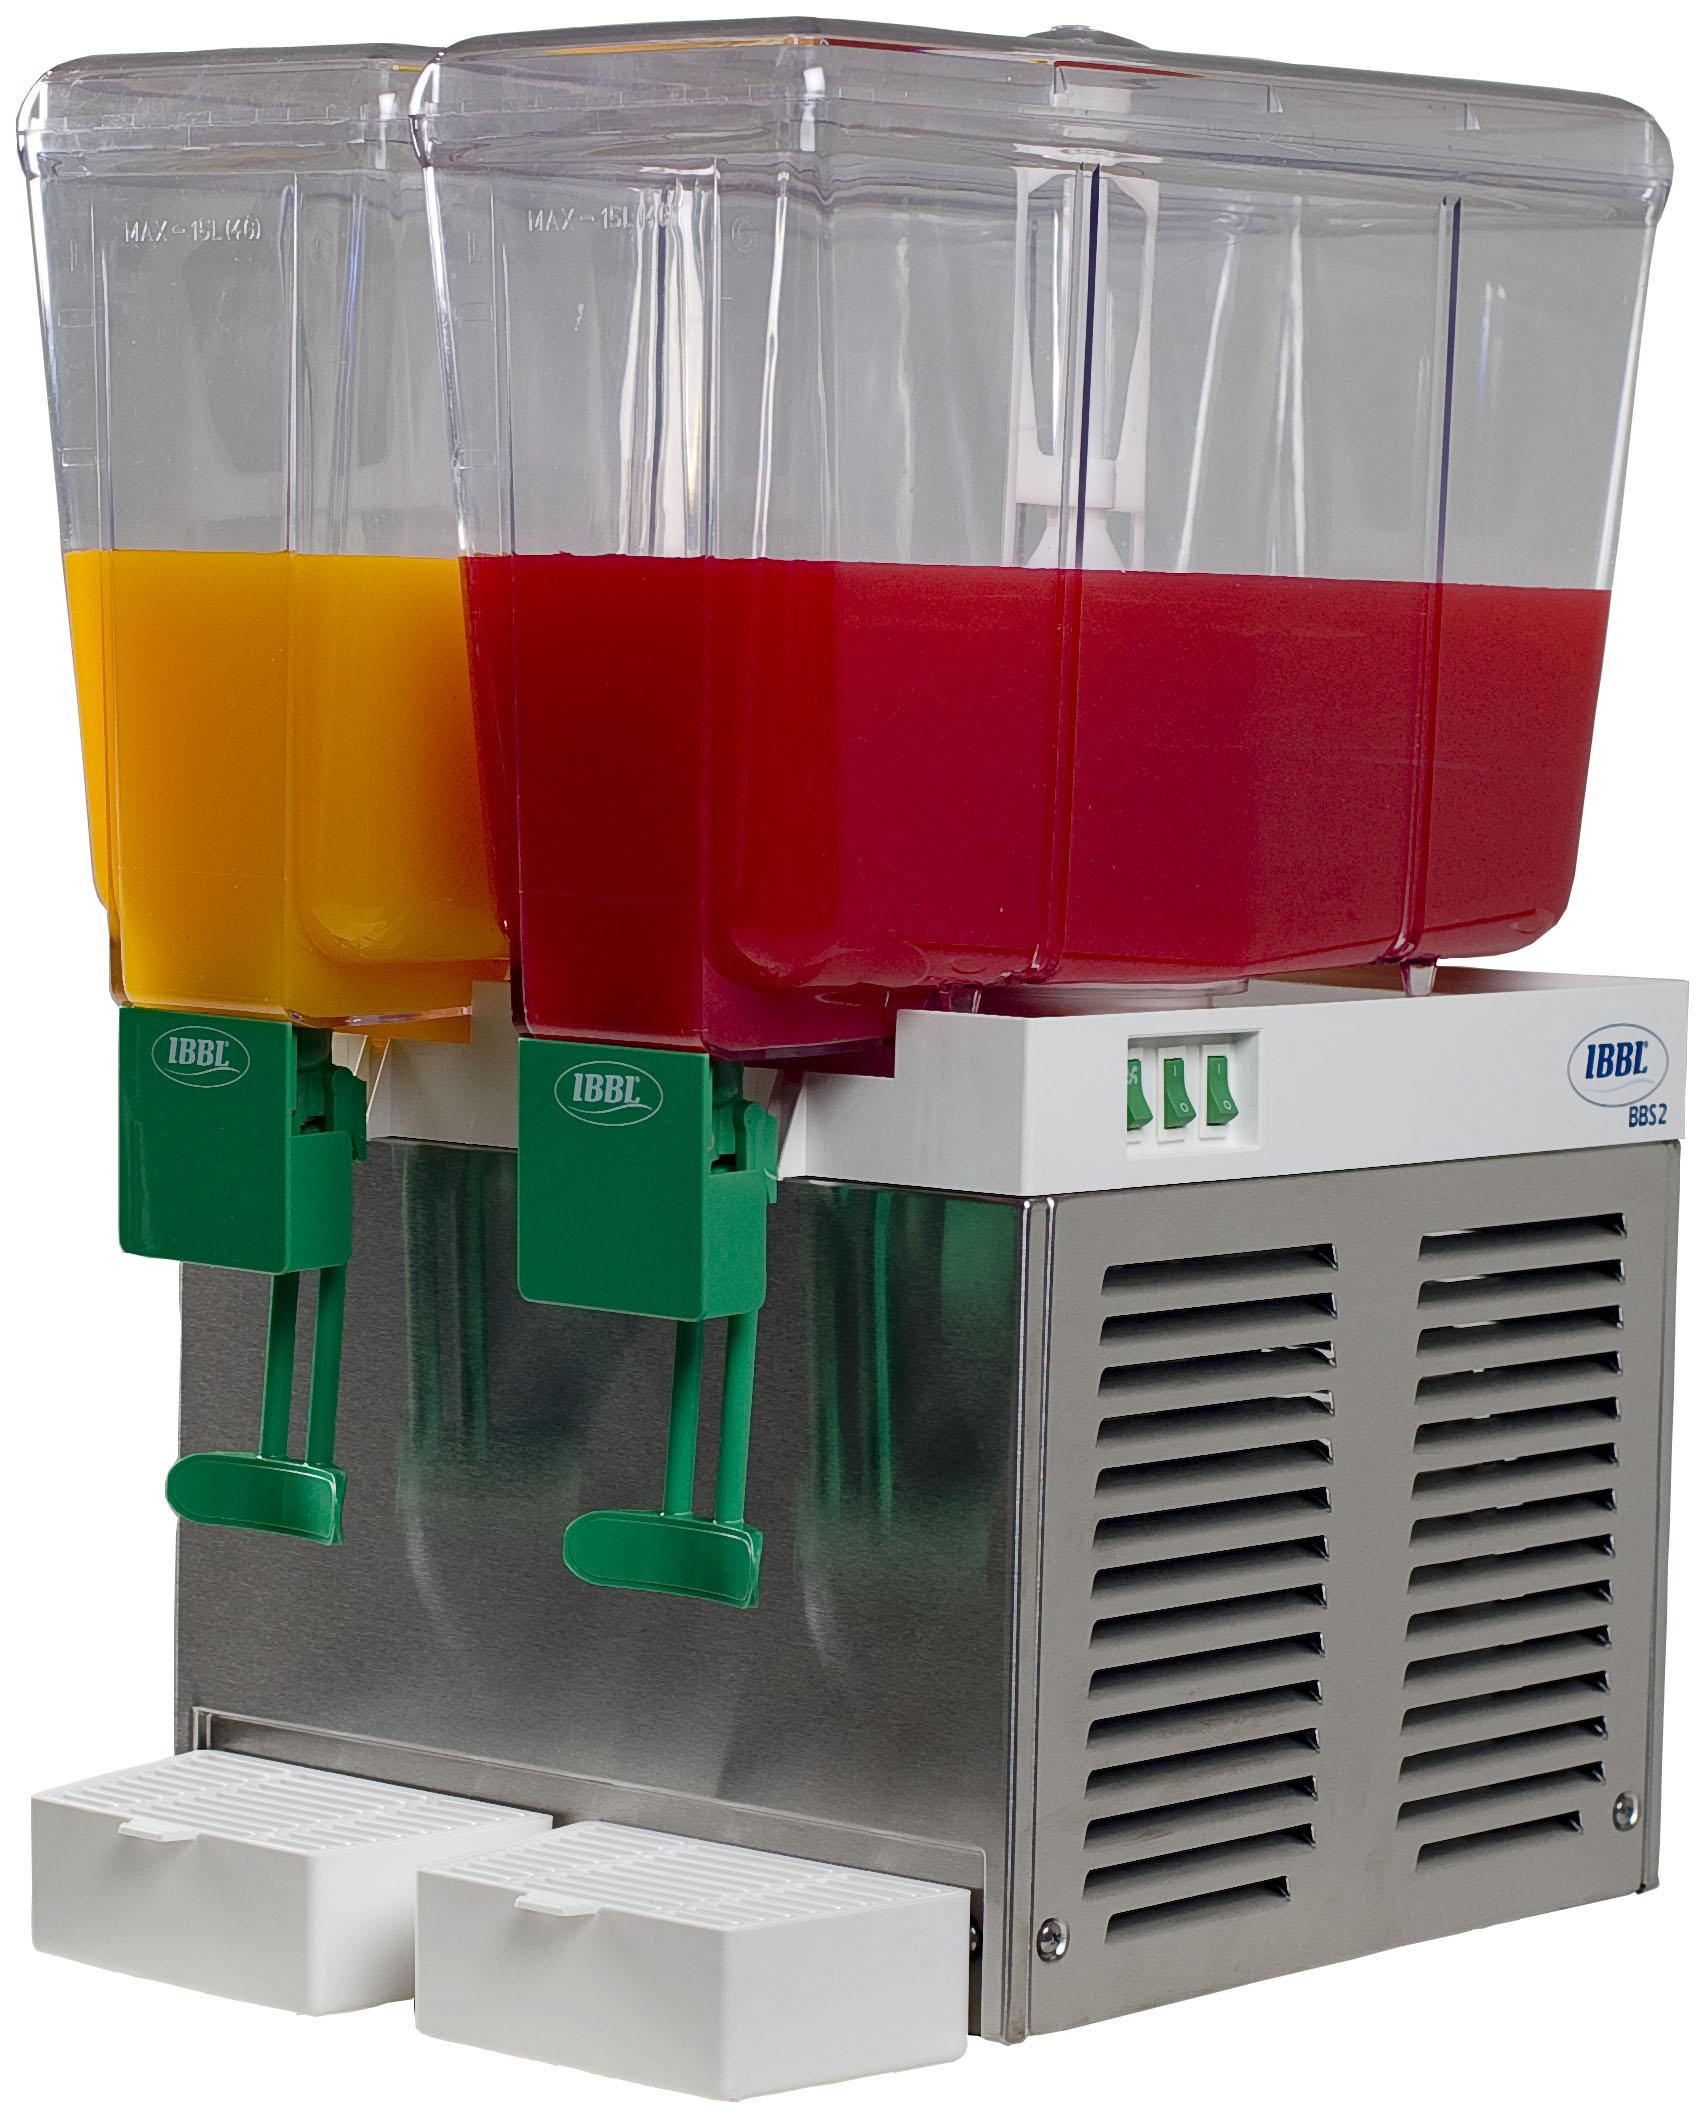 casa de sucos: refresqueira para sucos